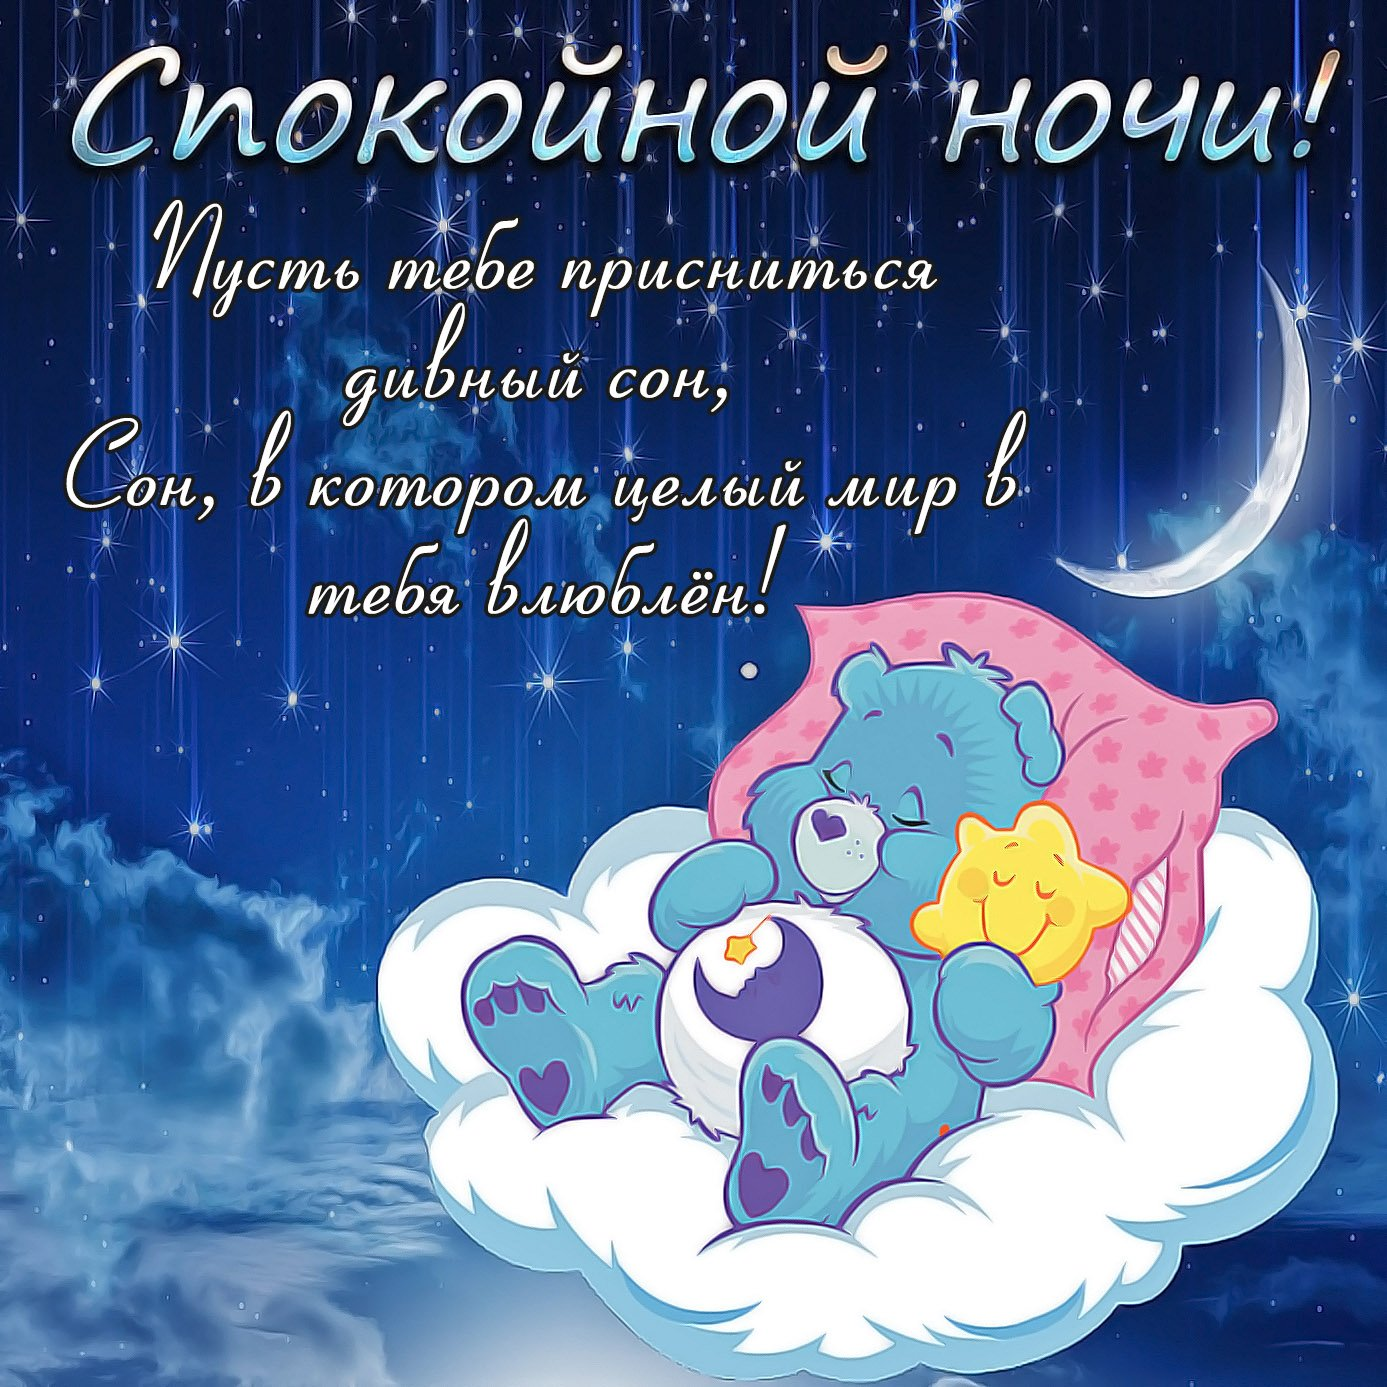 Лучшие открытки для лучших людей спокойной ночи, для юлечки